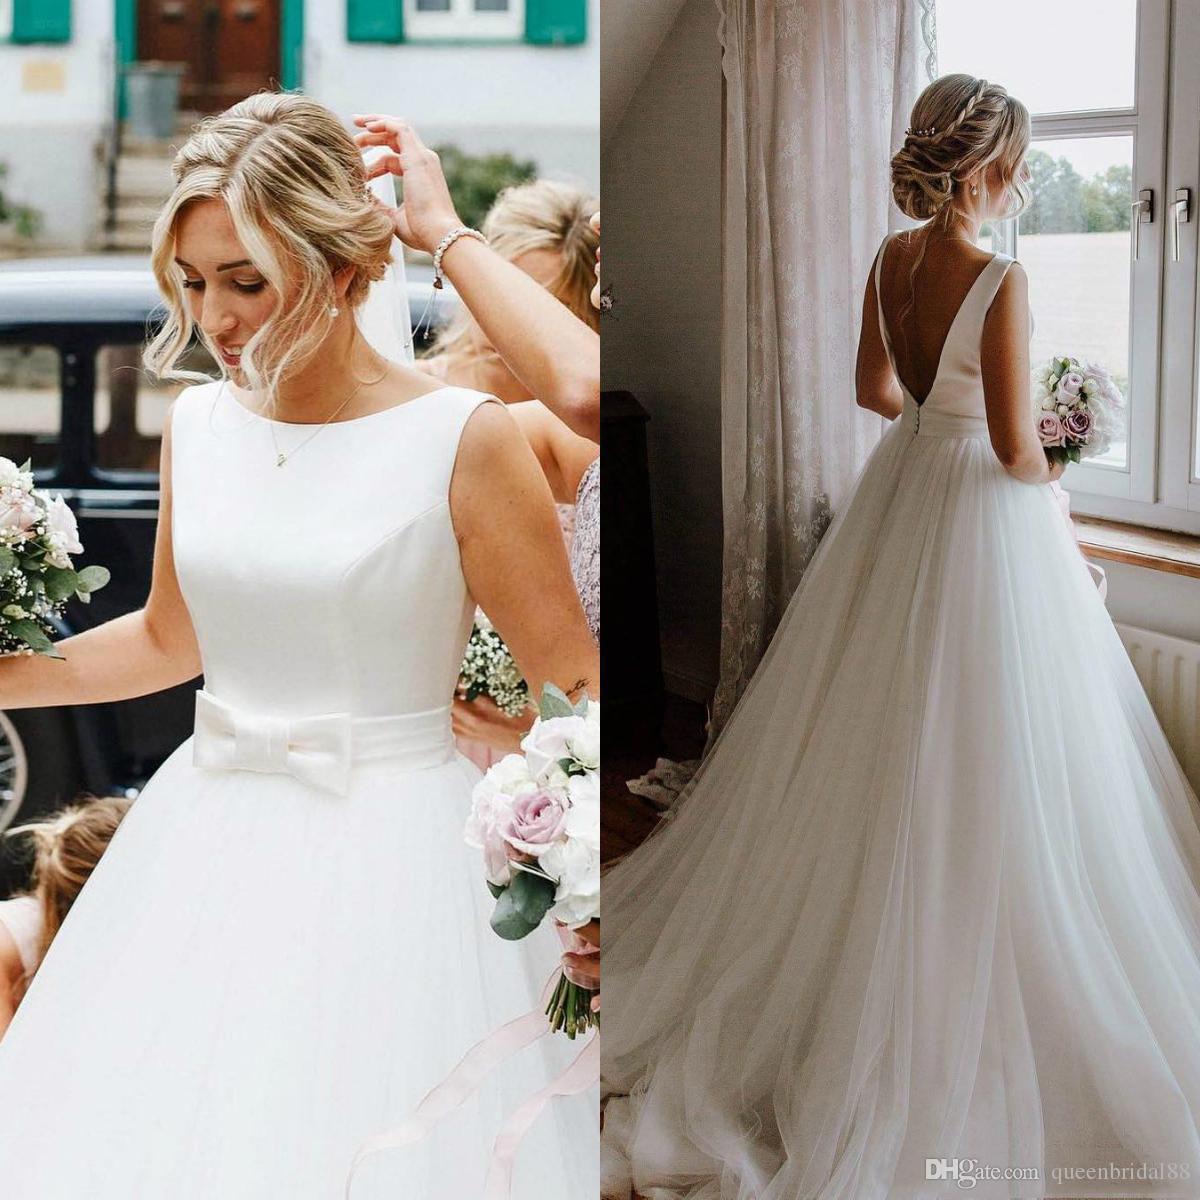 Sexy V Backless A Robes De Mariée En Ligne Avec Bow Robe Ceinture De Mariée Pour La Mariée Longue Balayage Tulle Robes Formelle